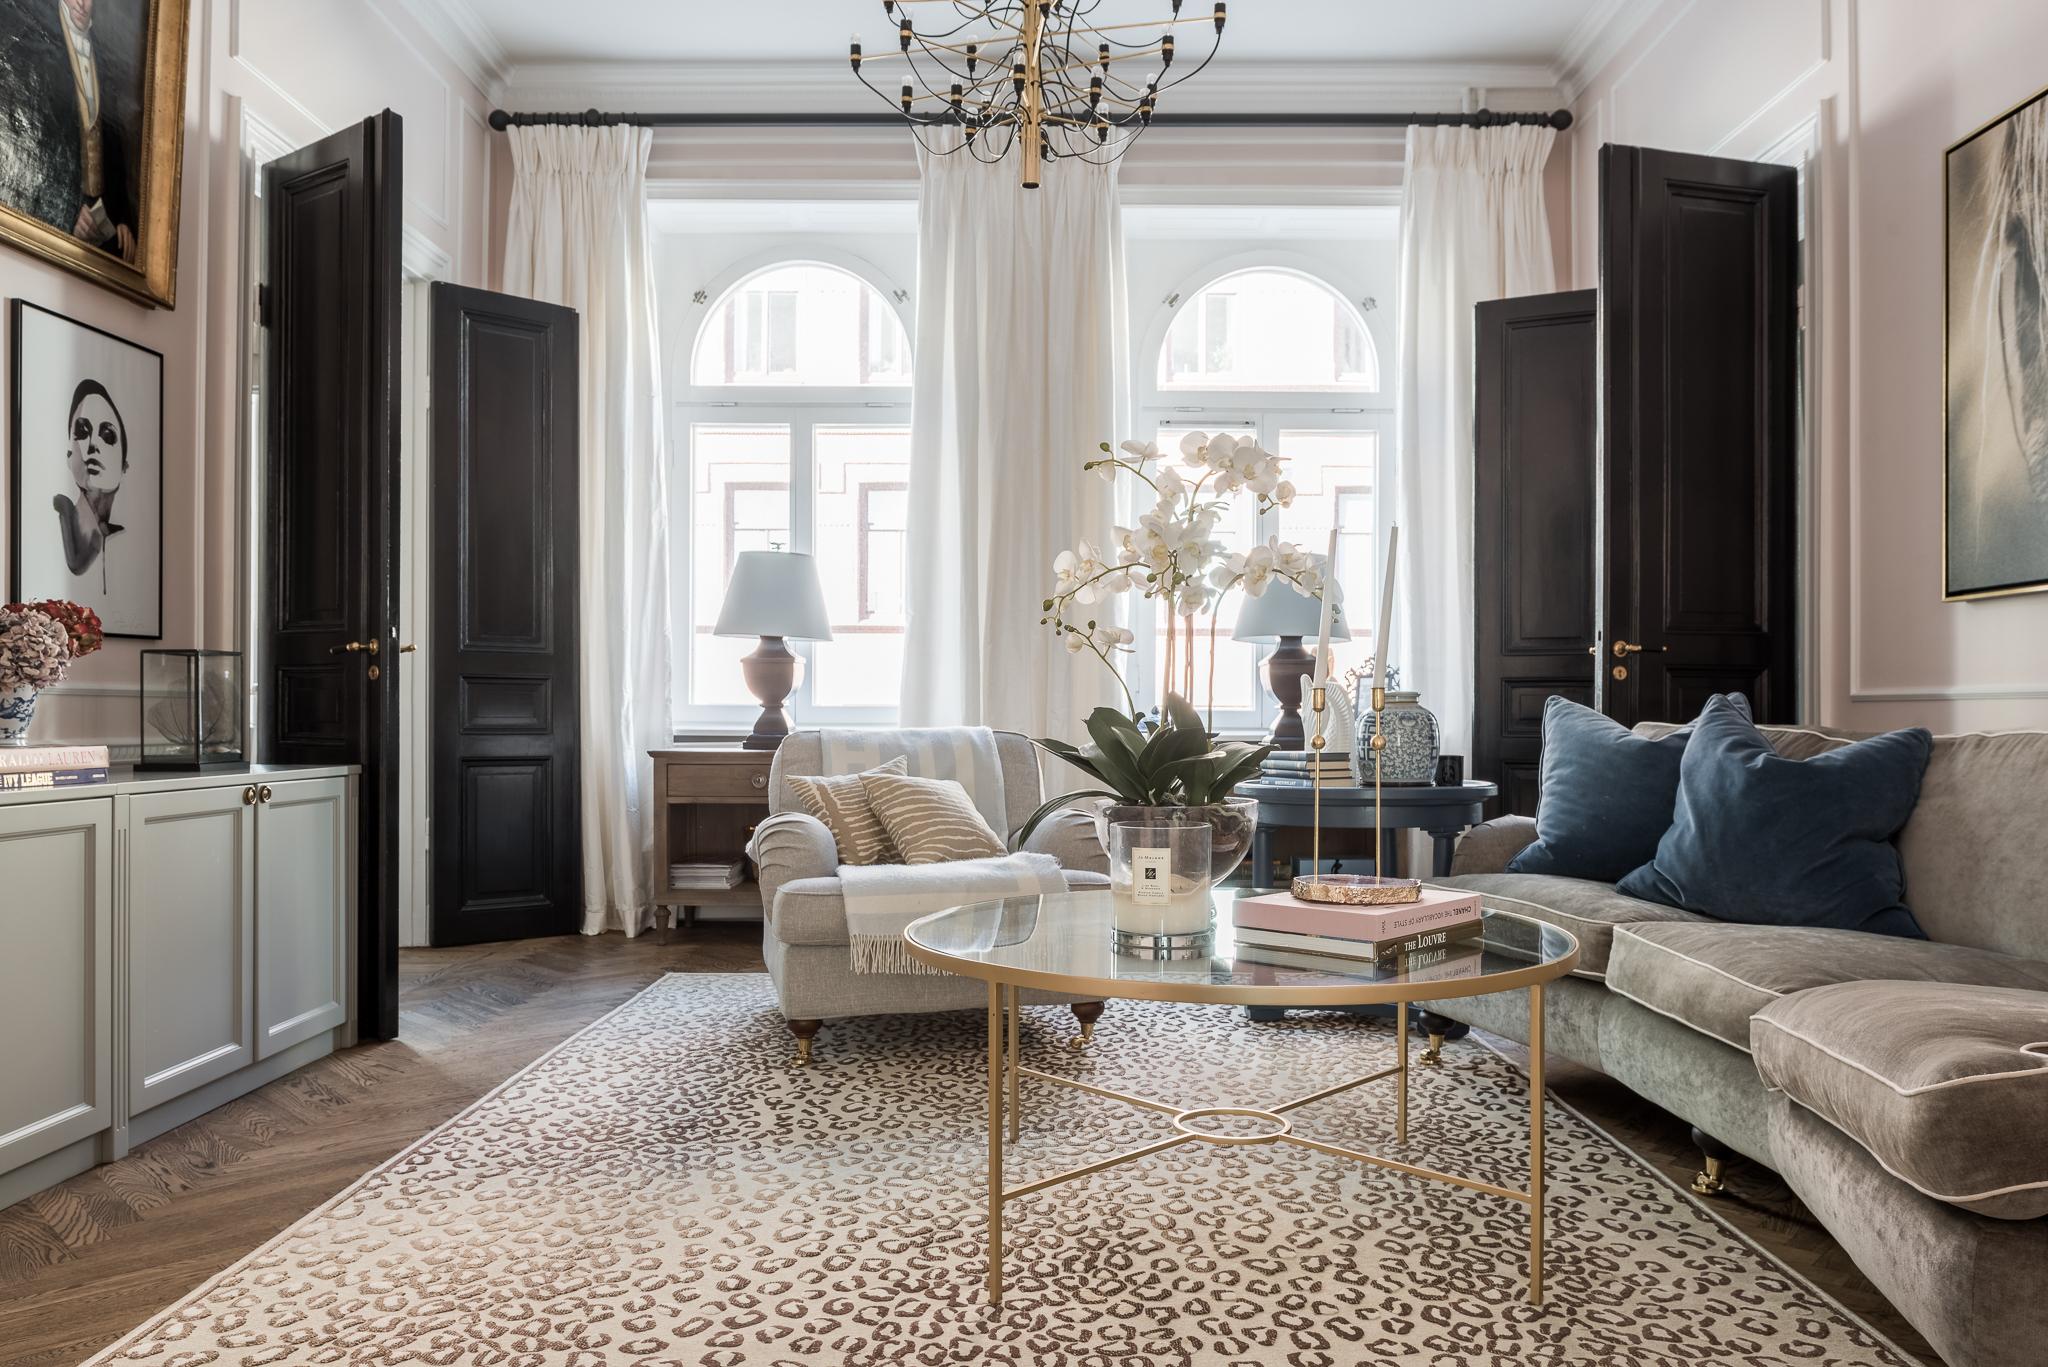 межкомнатные двери диван столик комод картины шторы окна лампы